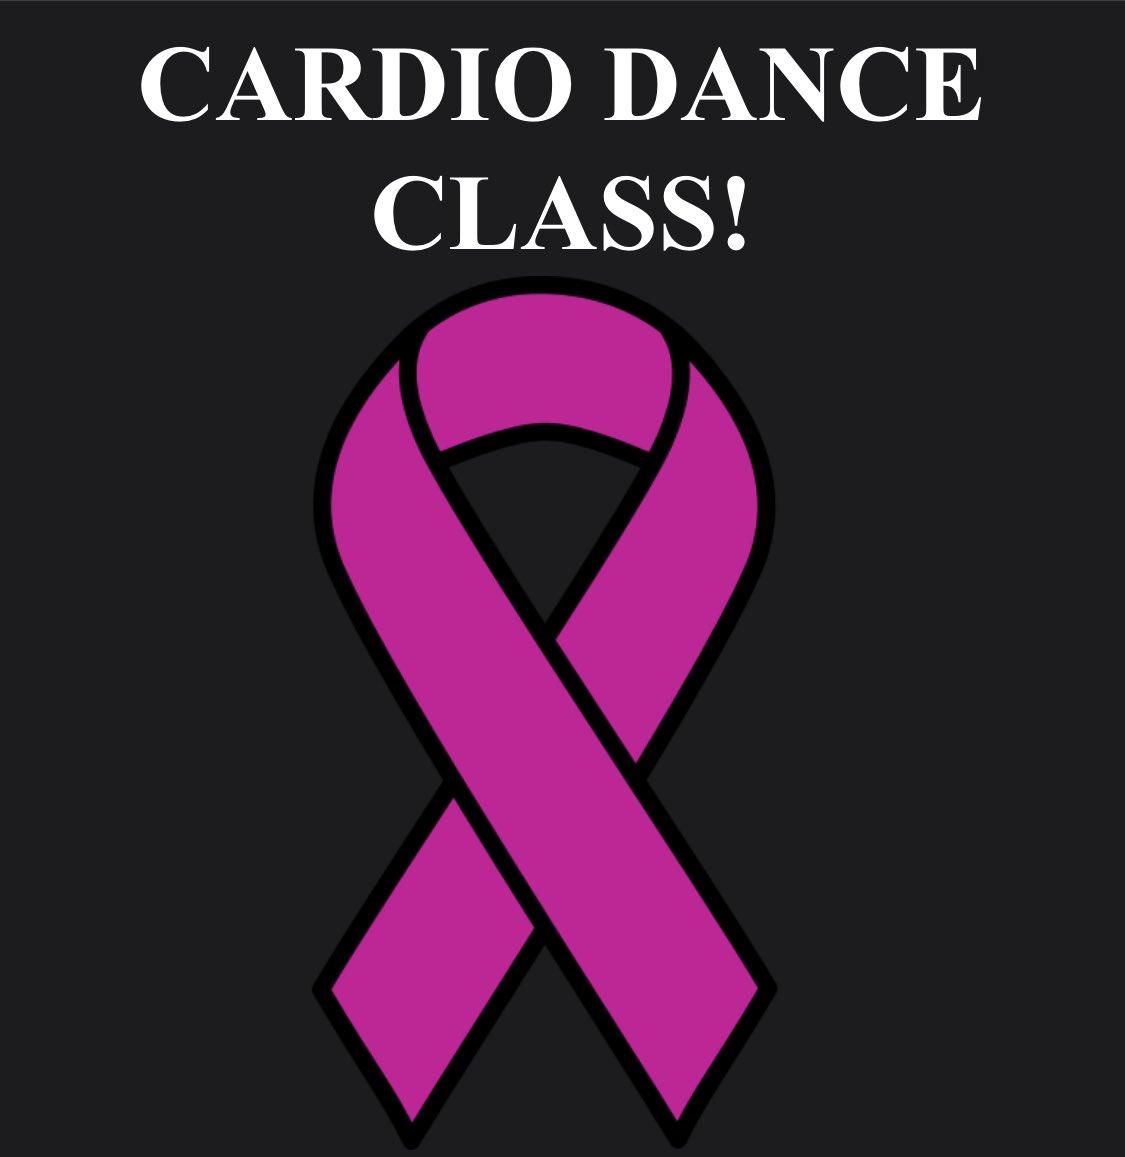 Hoje nossa equipe patrocinou uma aula de cardio-dança liderada por nosso próprio Sr. V para arrecadar fundos para @Step_Sisters #BreastCancerAwarenessMonth https://t.co/R02bfyVzPK